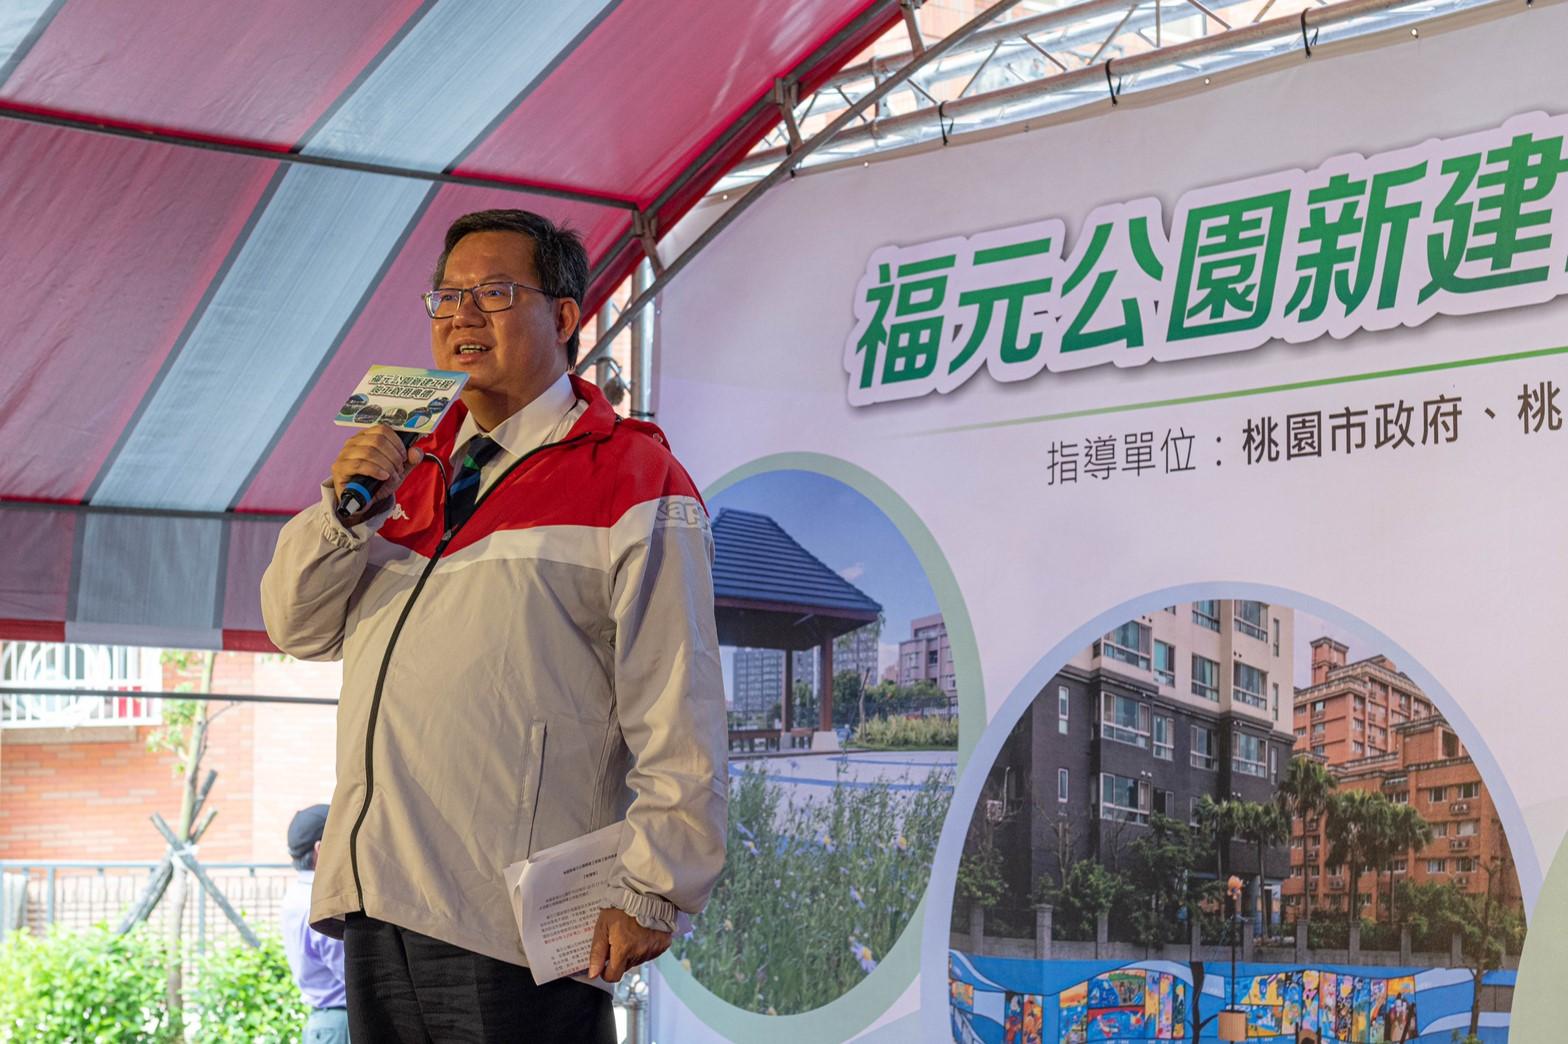 市長致詞表示,市府在大檜溪地區推動多項建設,持續提升當地生活品質